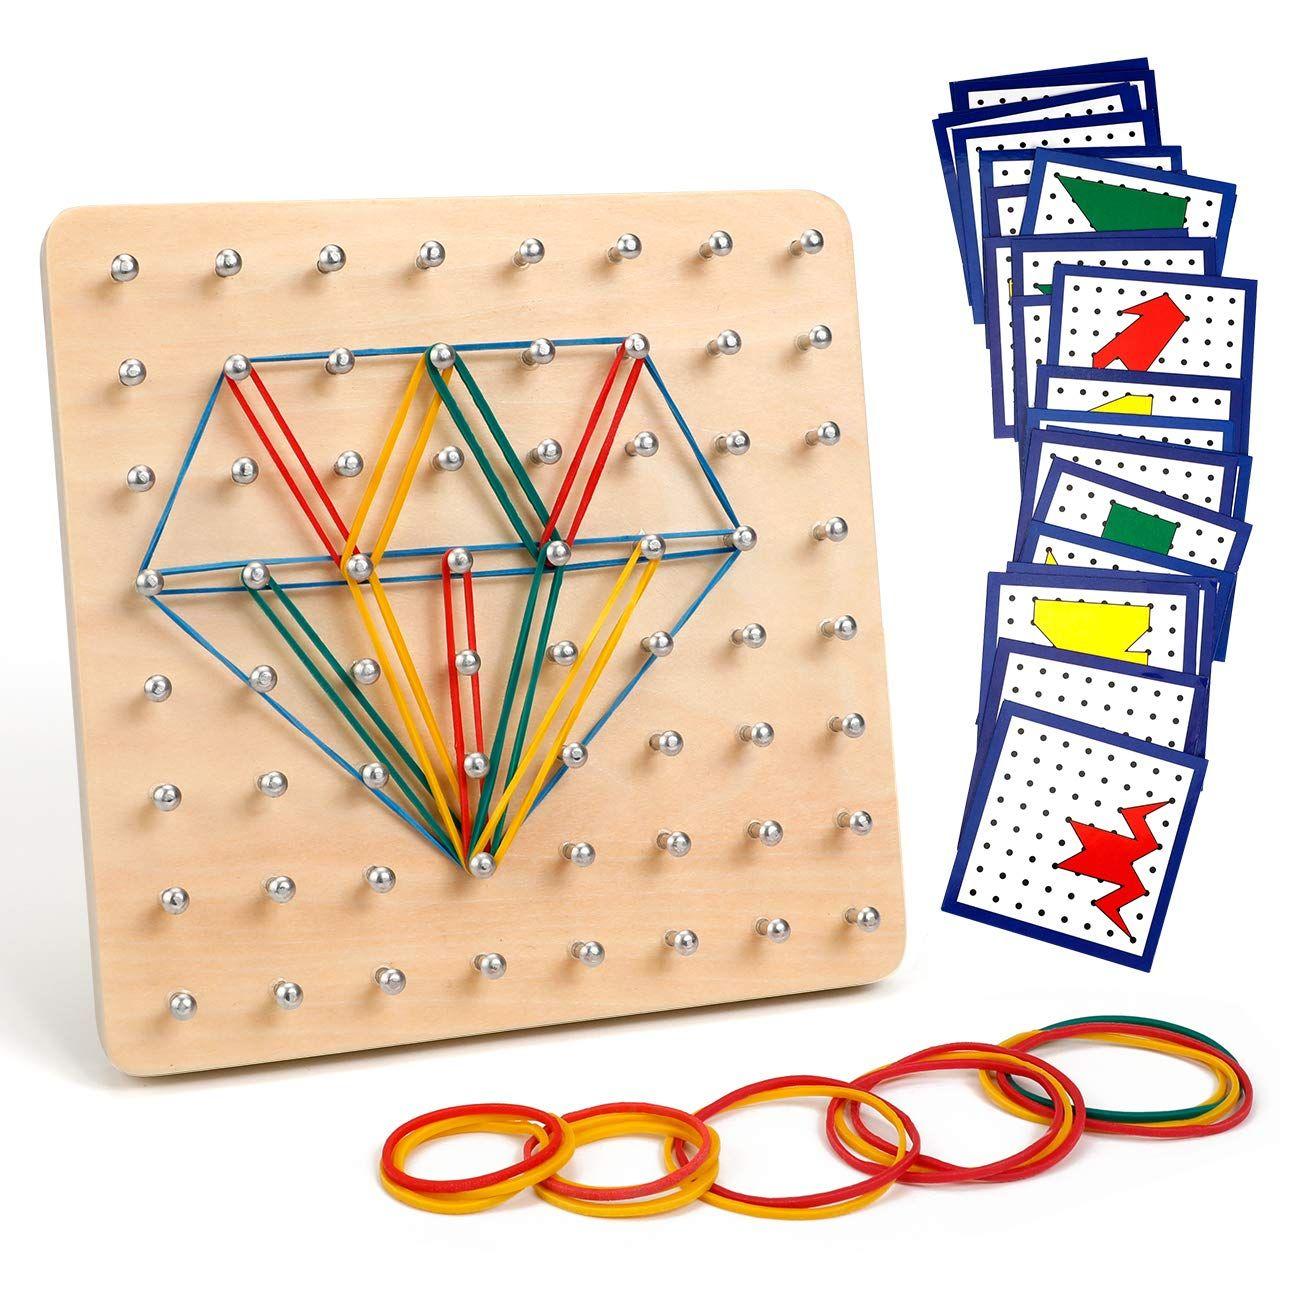 HUYIYI Holz Geoboard Set Geometriebrett Montessori Holz Spielzeug f/ür Kinder und Erwachsene,Form Puzzle lernspielzeug,Inspirieren die Phantasie und Kreativit/ät des Kinders